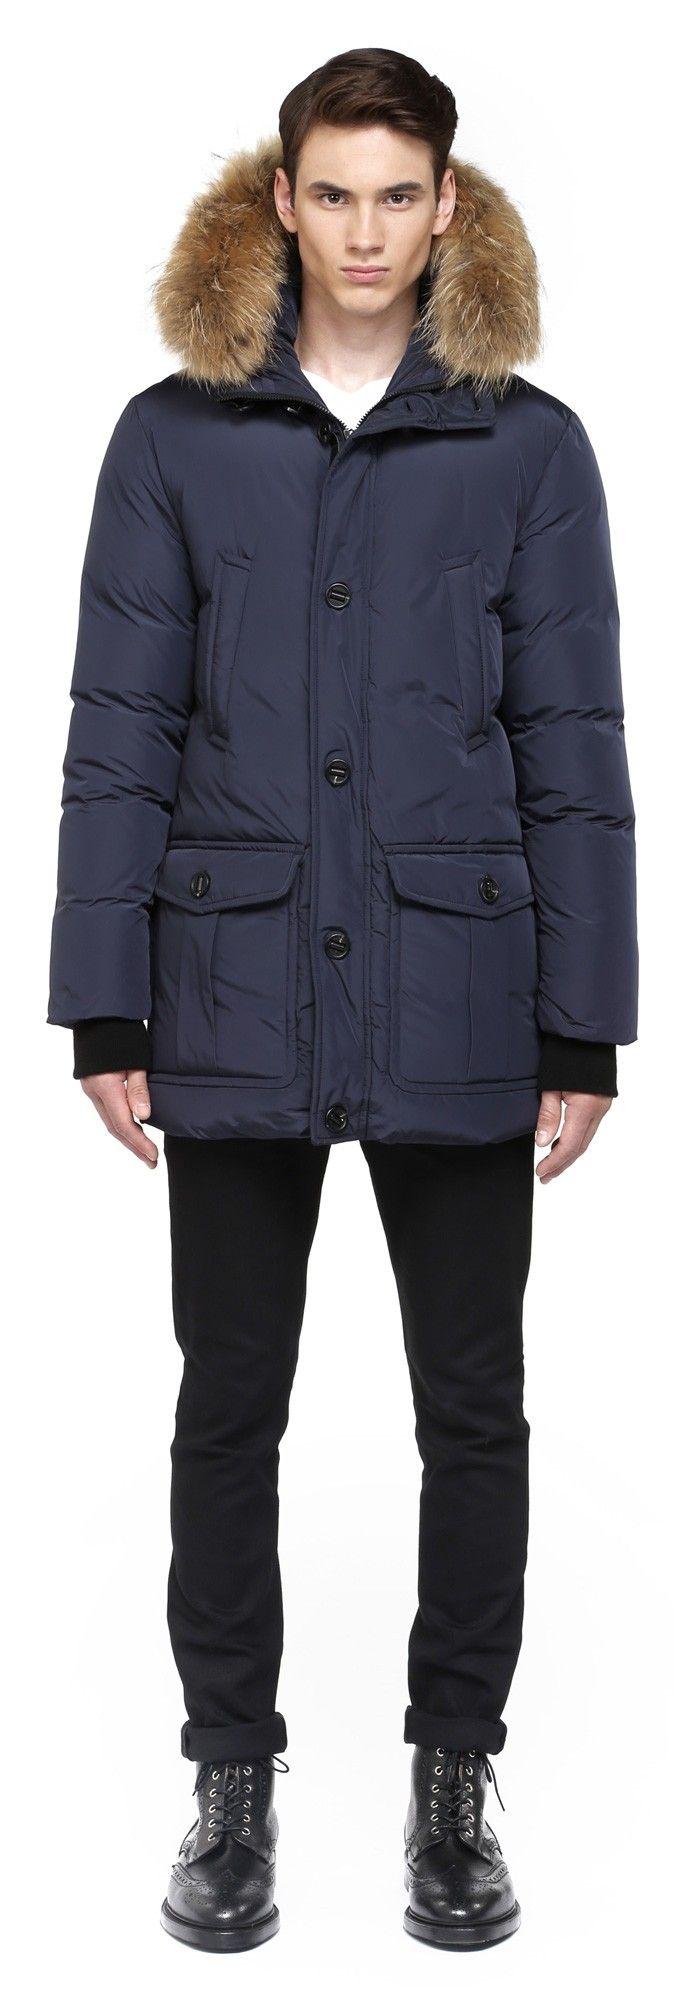 Mackage - BRYAN INK DOWN PARKA WITH FUR HOOD TRIM FOR MEN. www.mackage.com #menswear #fw14 #wintercoat #fur #parka #luxuryouterwear